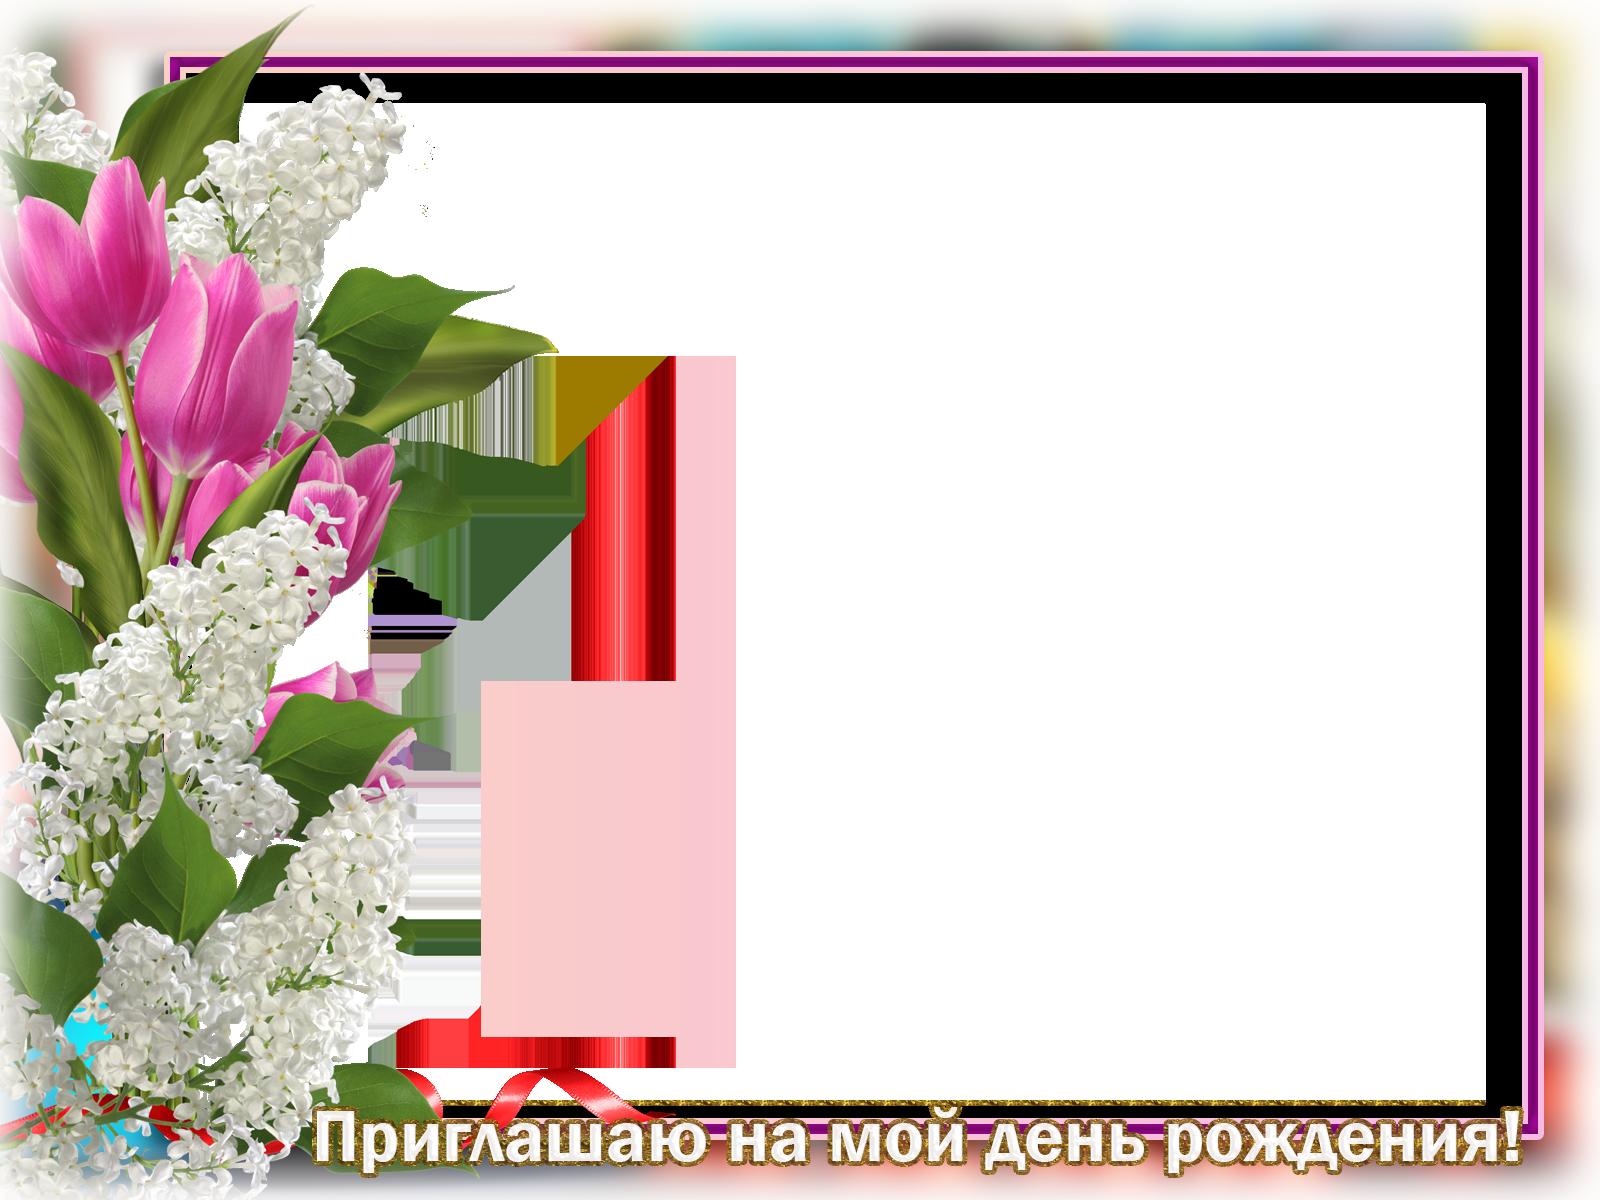 Фоторамка Приглашаю на мой день рождения Фоторамка для фотошопа, PNG шаблон.